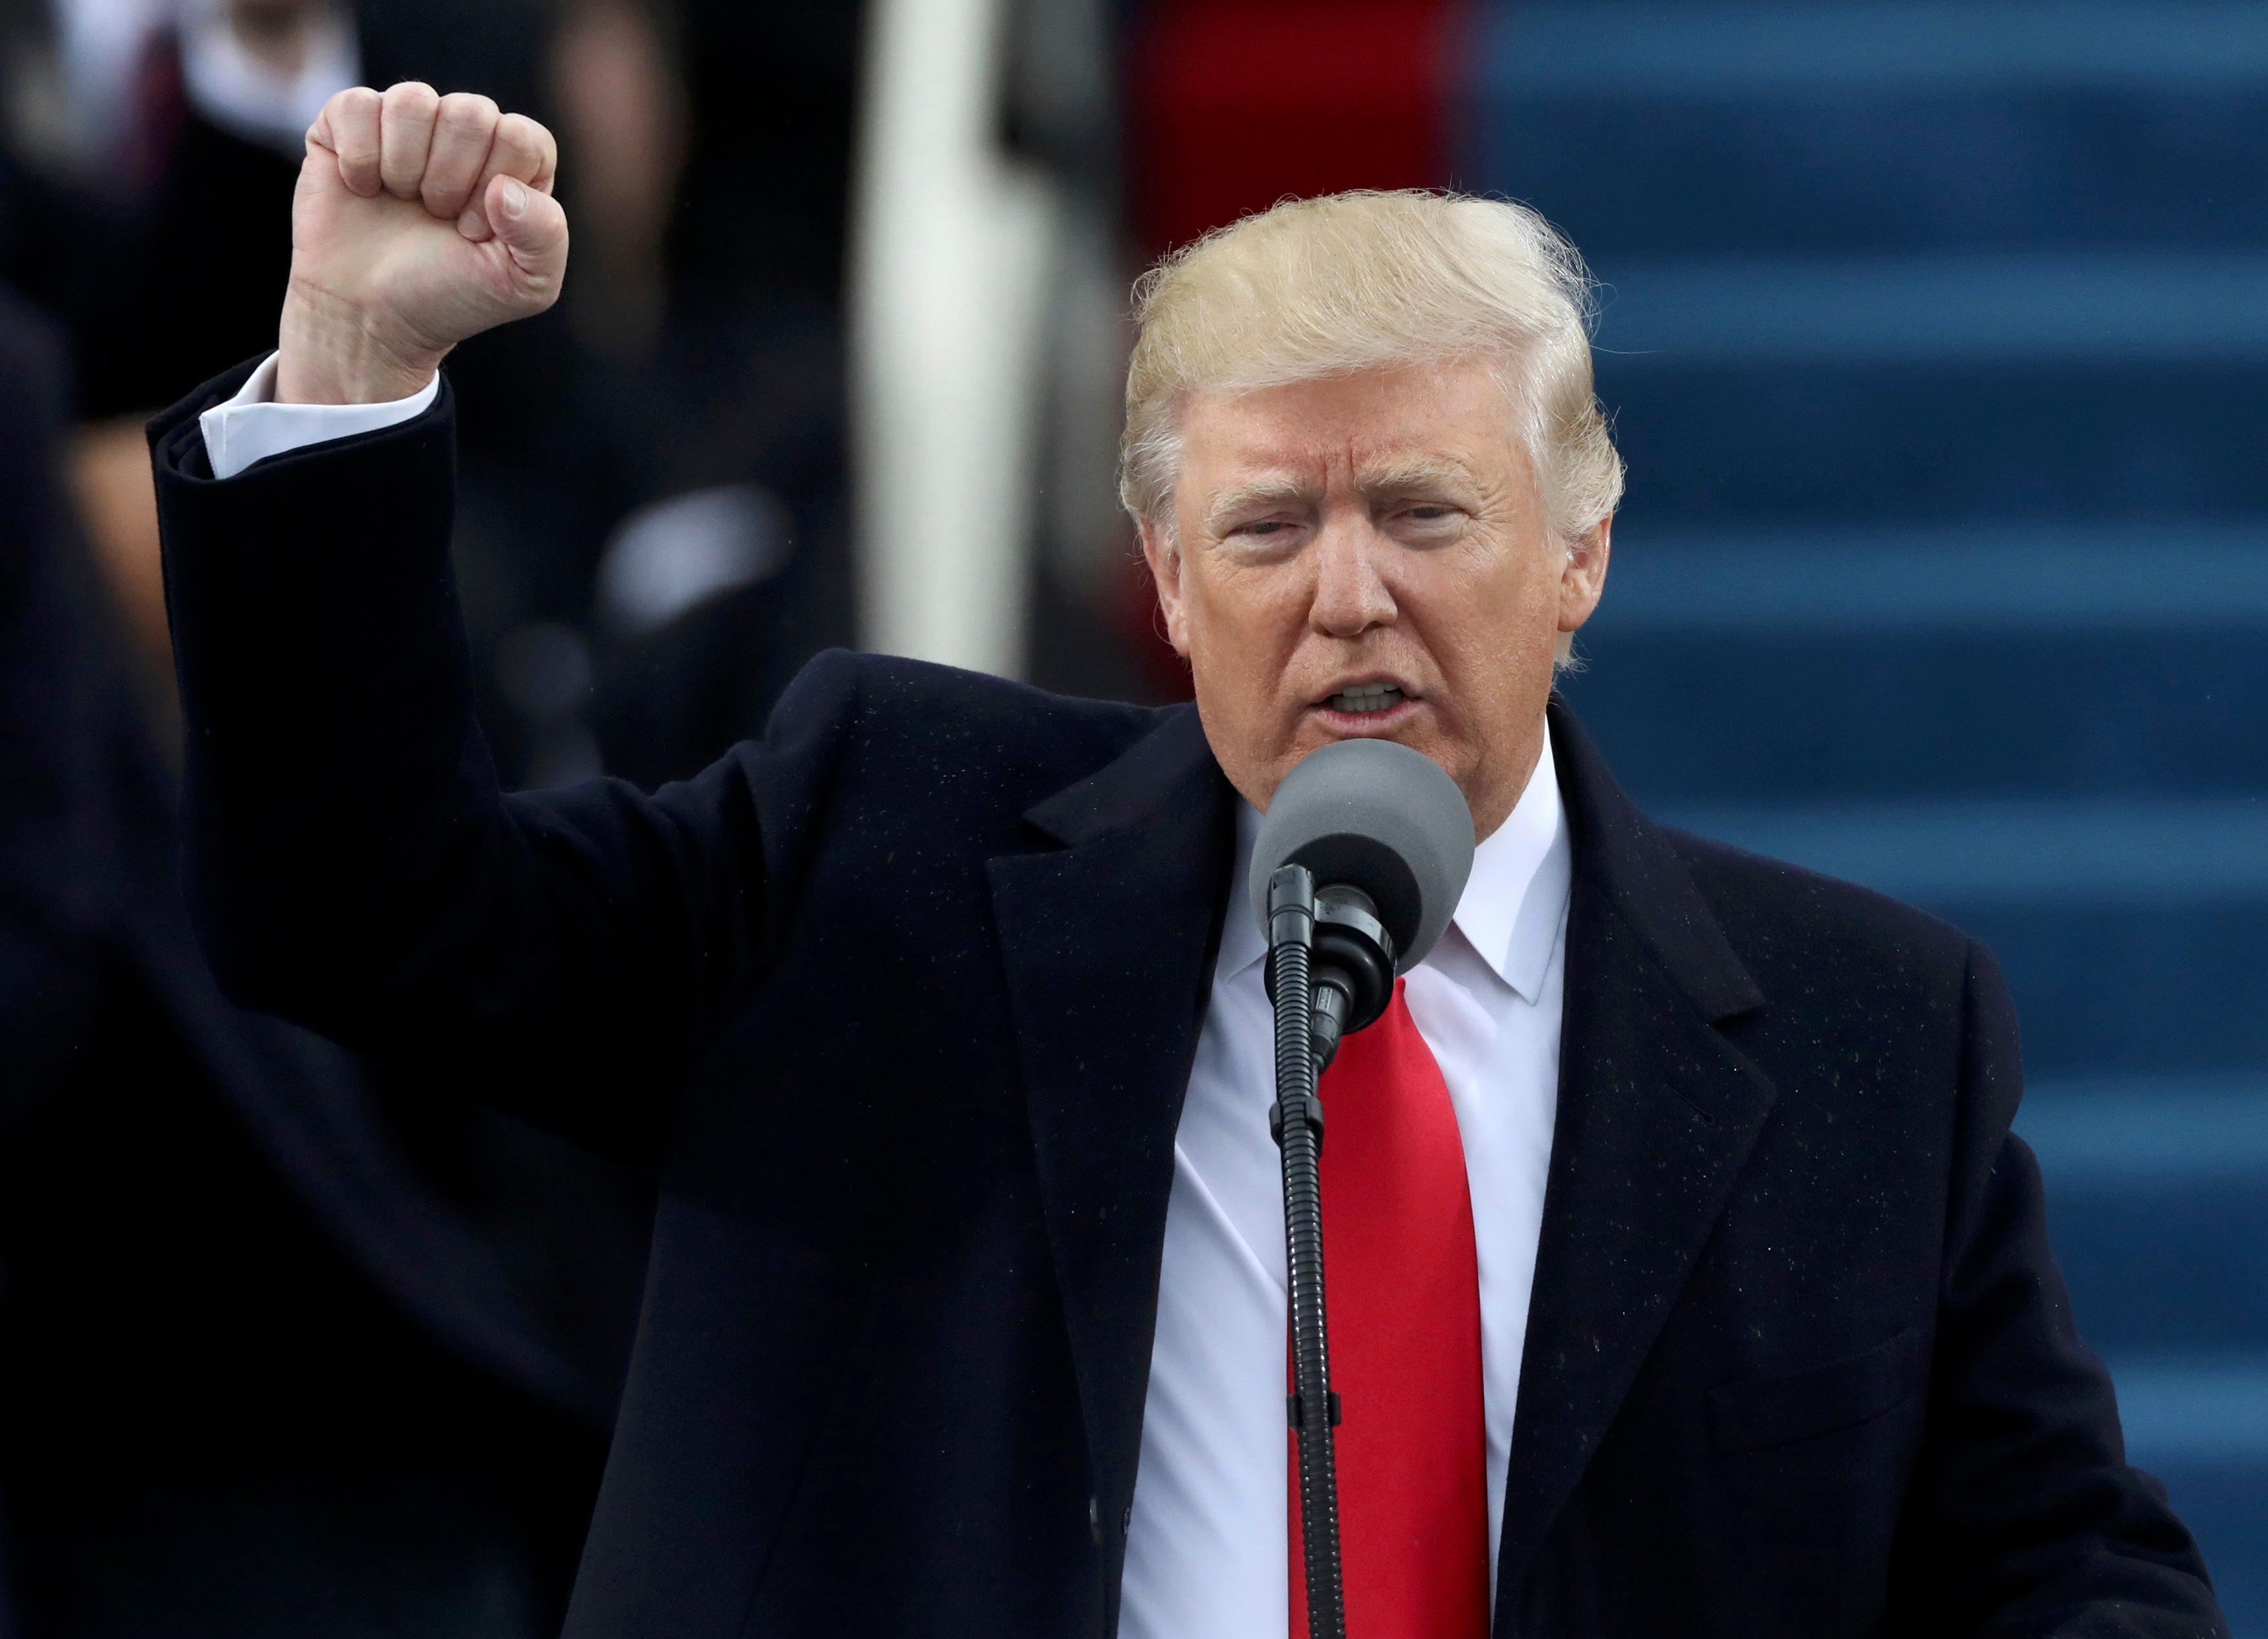 Trump verteidigt Weitergabe von Informationen an Russland